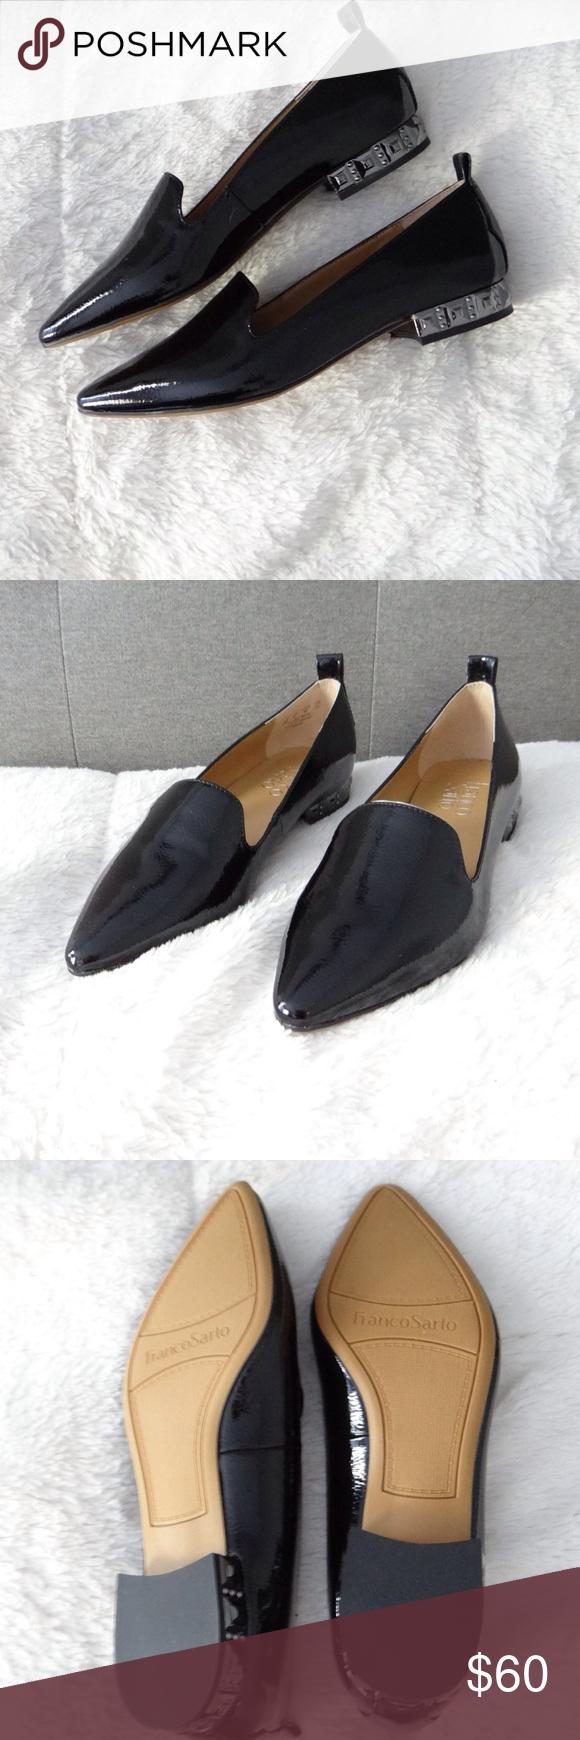 7c49d8878595 Franco sarto rubber soles png 580x1740 Franco sarto rubber soles